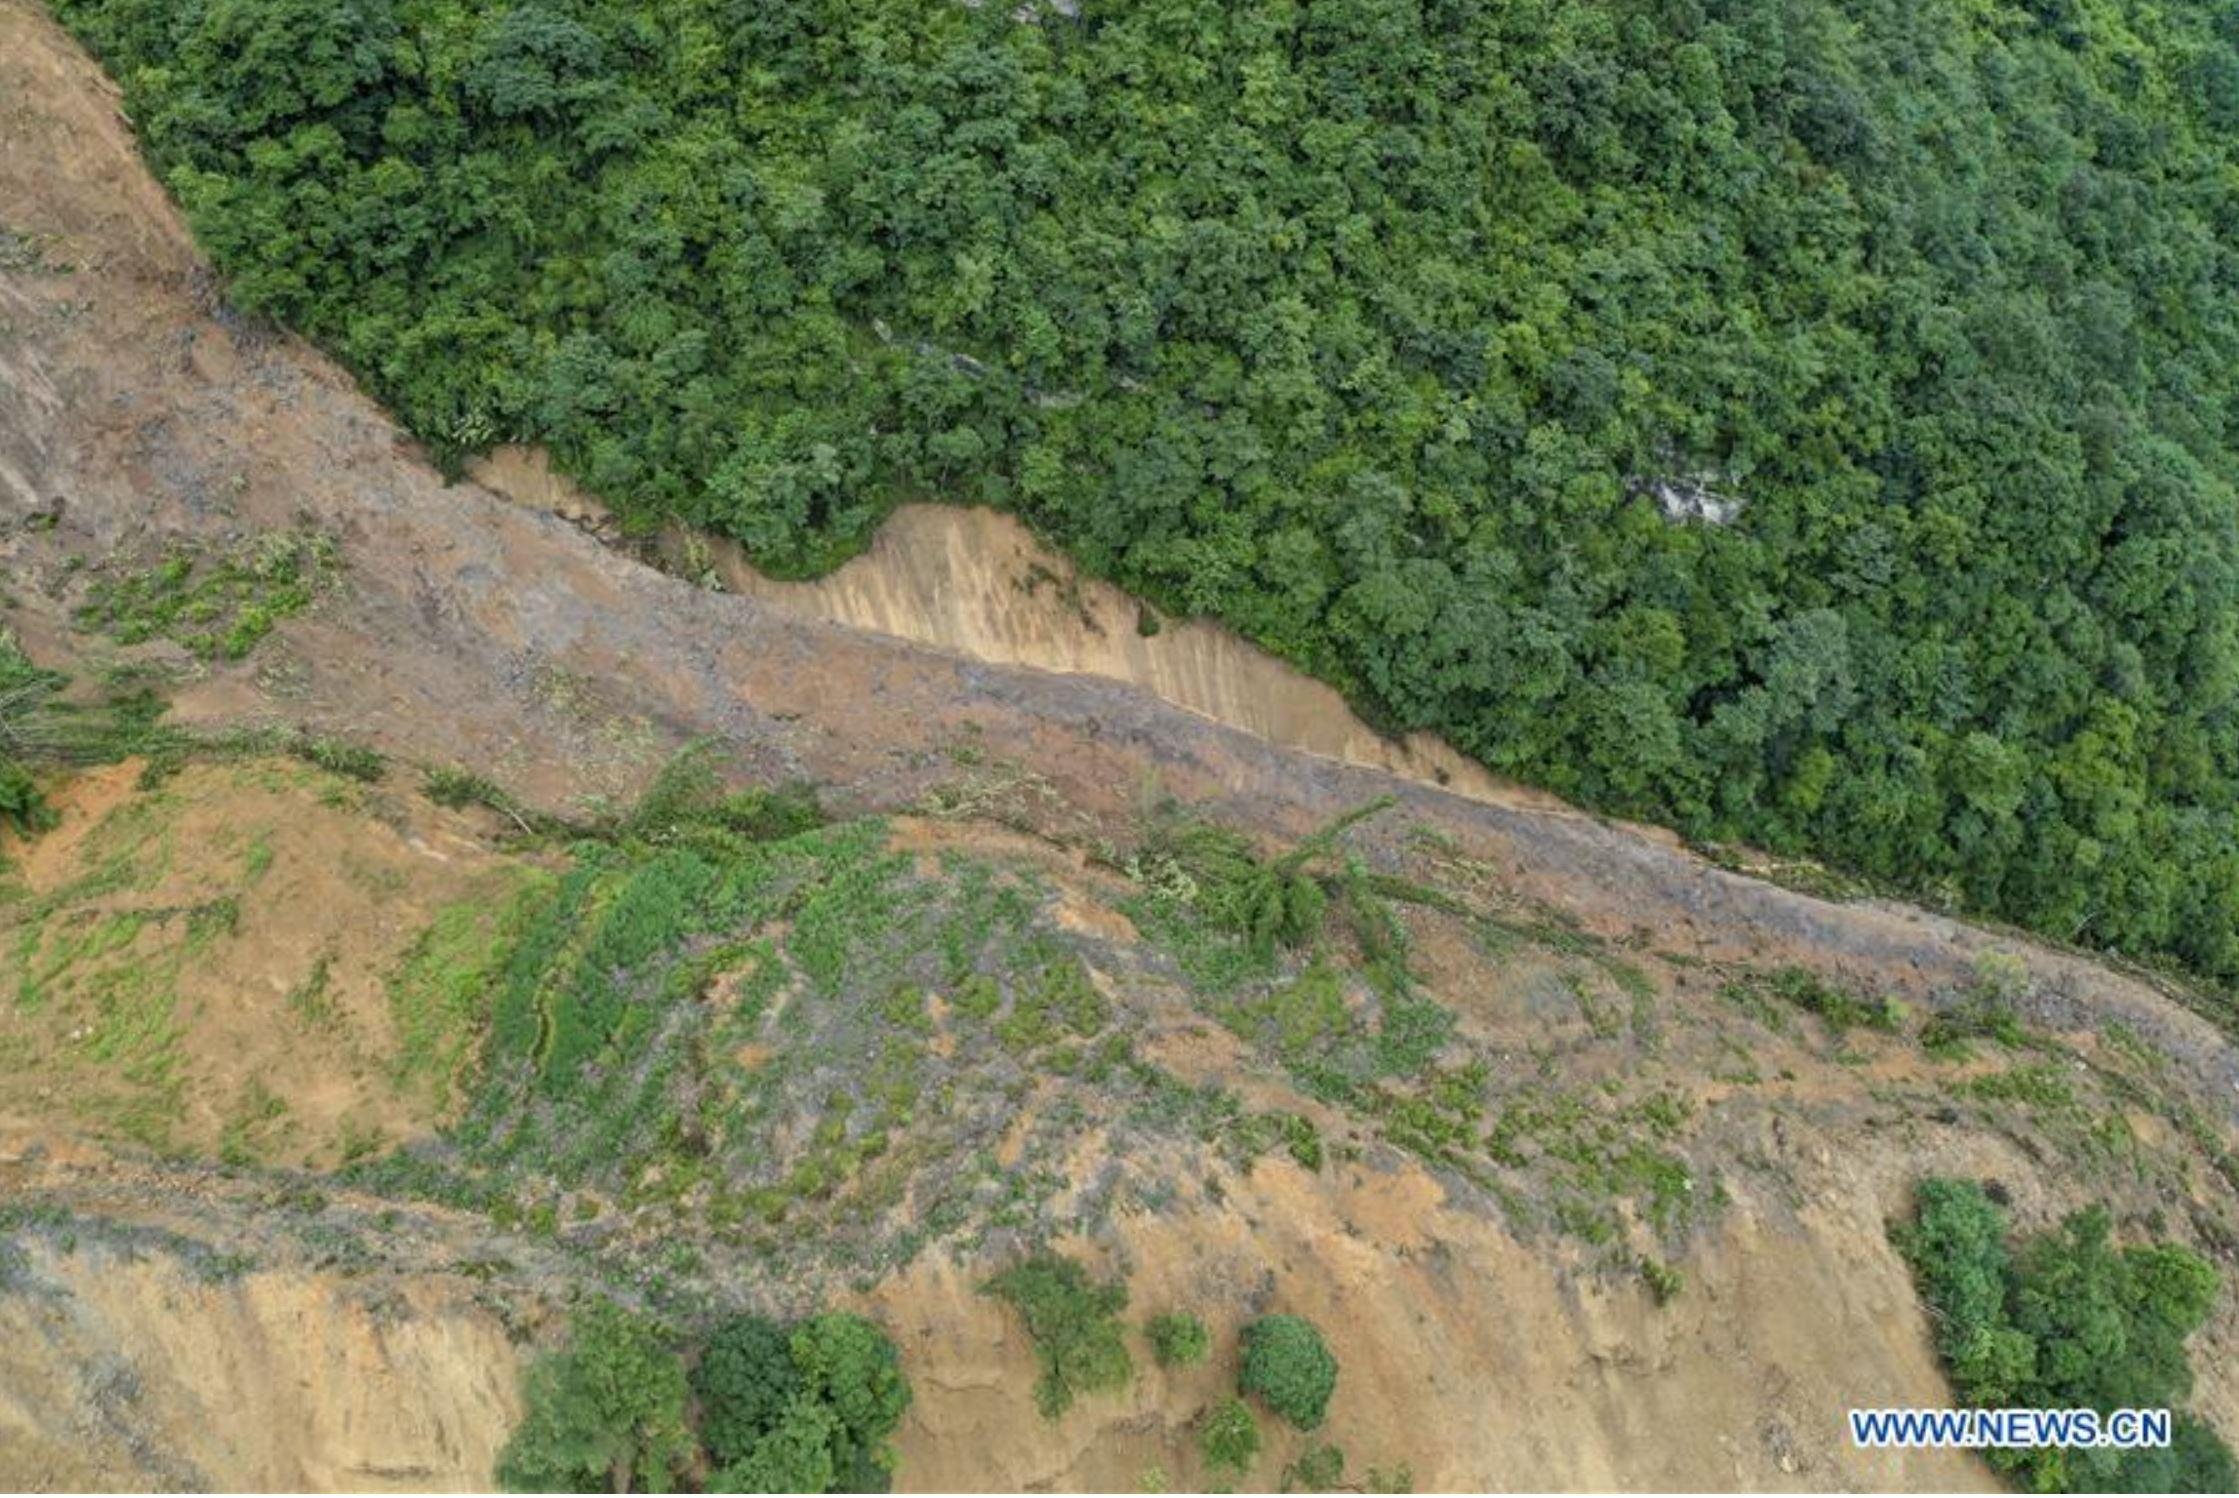 Liujing Village landslide